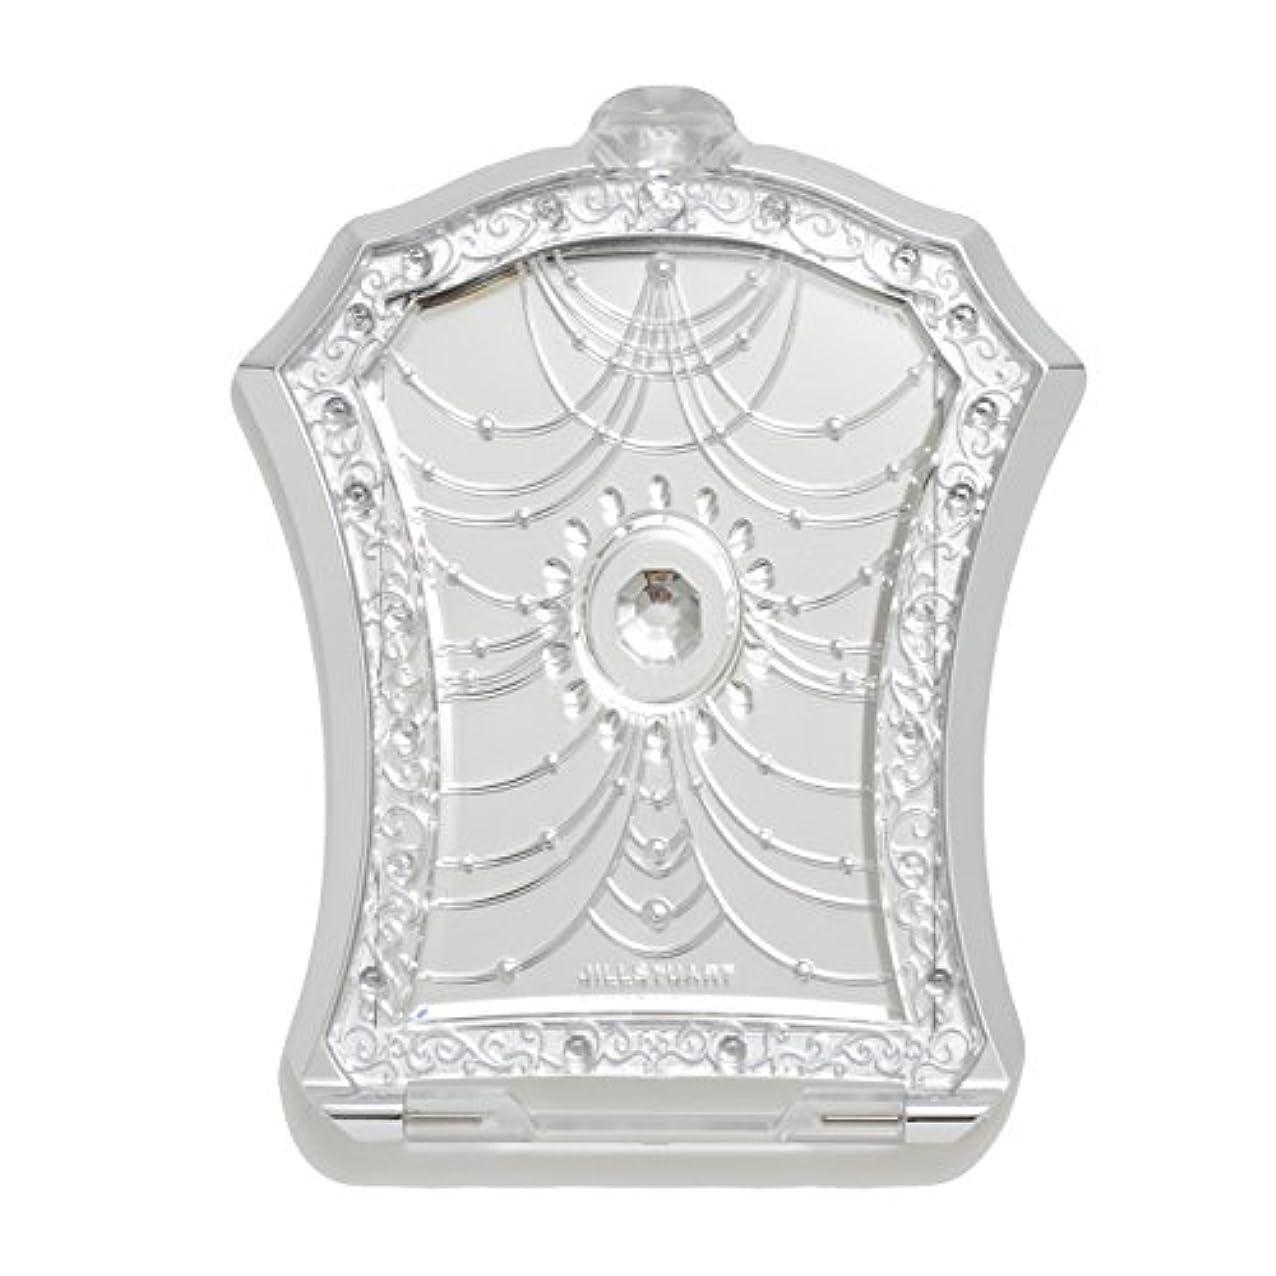 女の子郵便フレキシブル【名入れ対応可】ジルスチュアート JILL STUART ミラー 鏡 手鏡 Beauty Compact Mirror スクエア 四角 コンパクト ミラー 20743